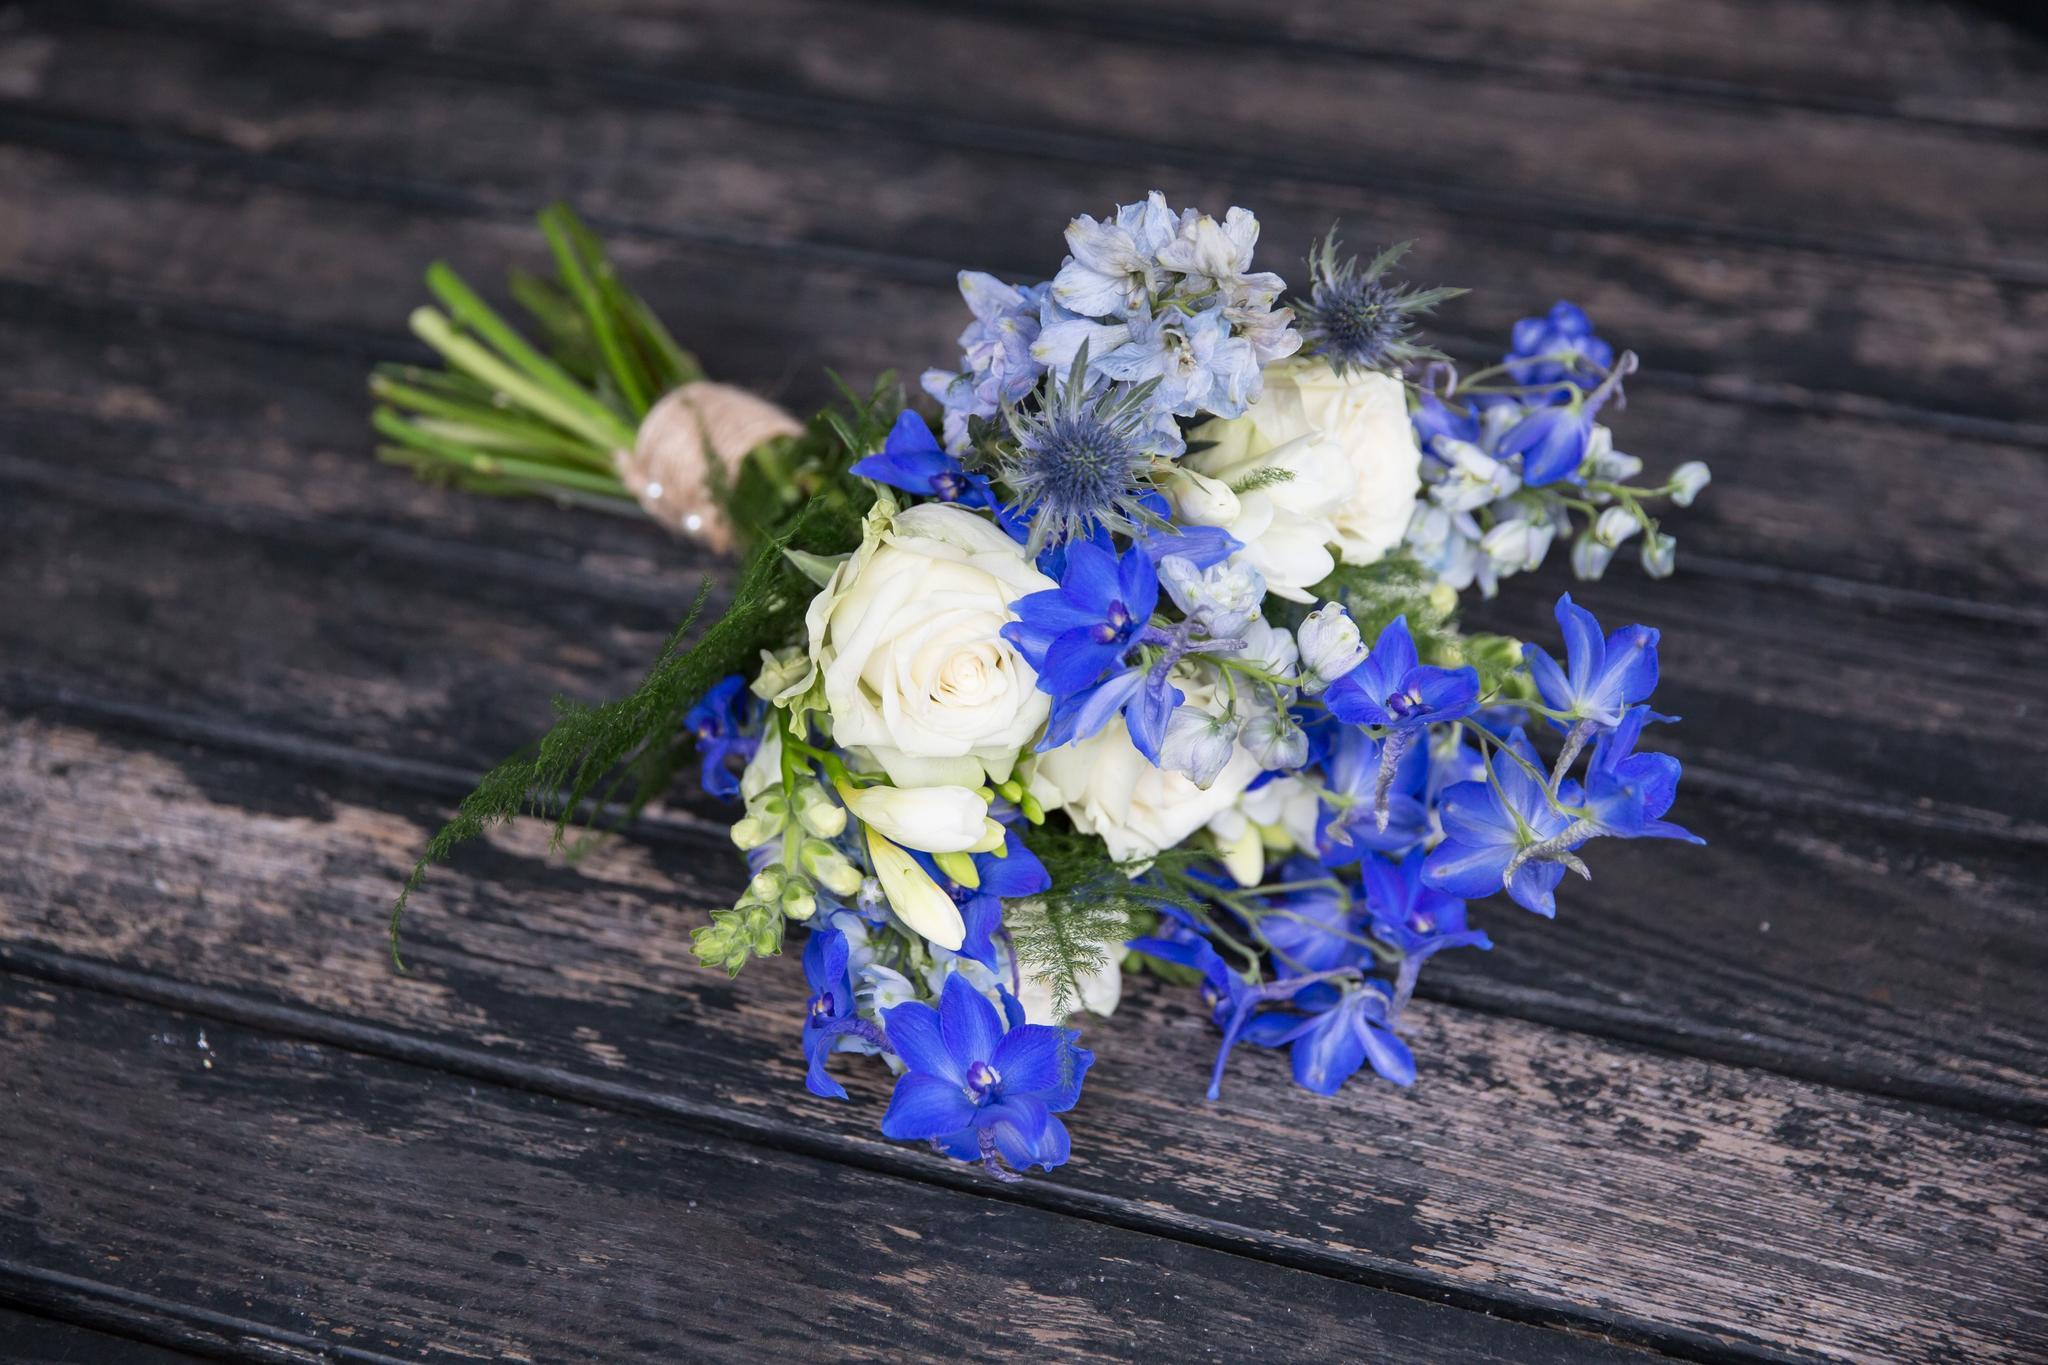 Bruidsboeket blauw met wit